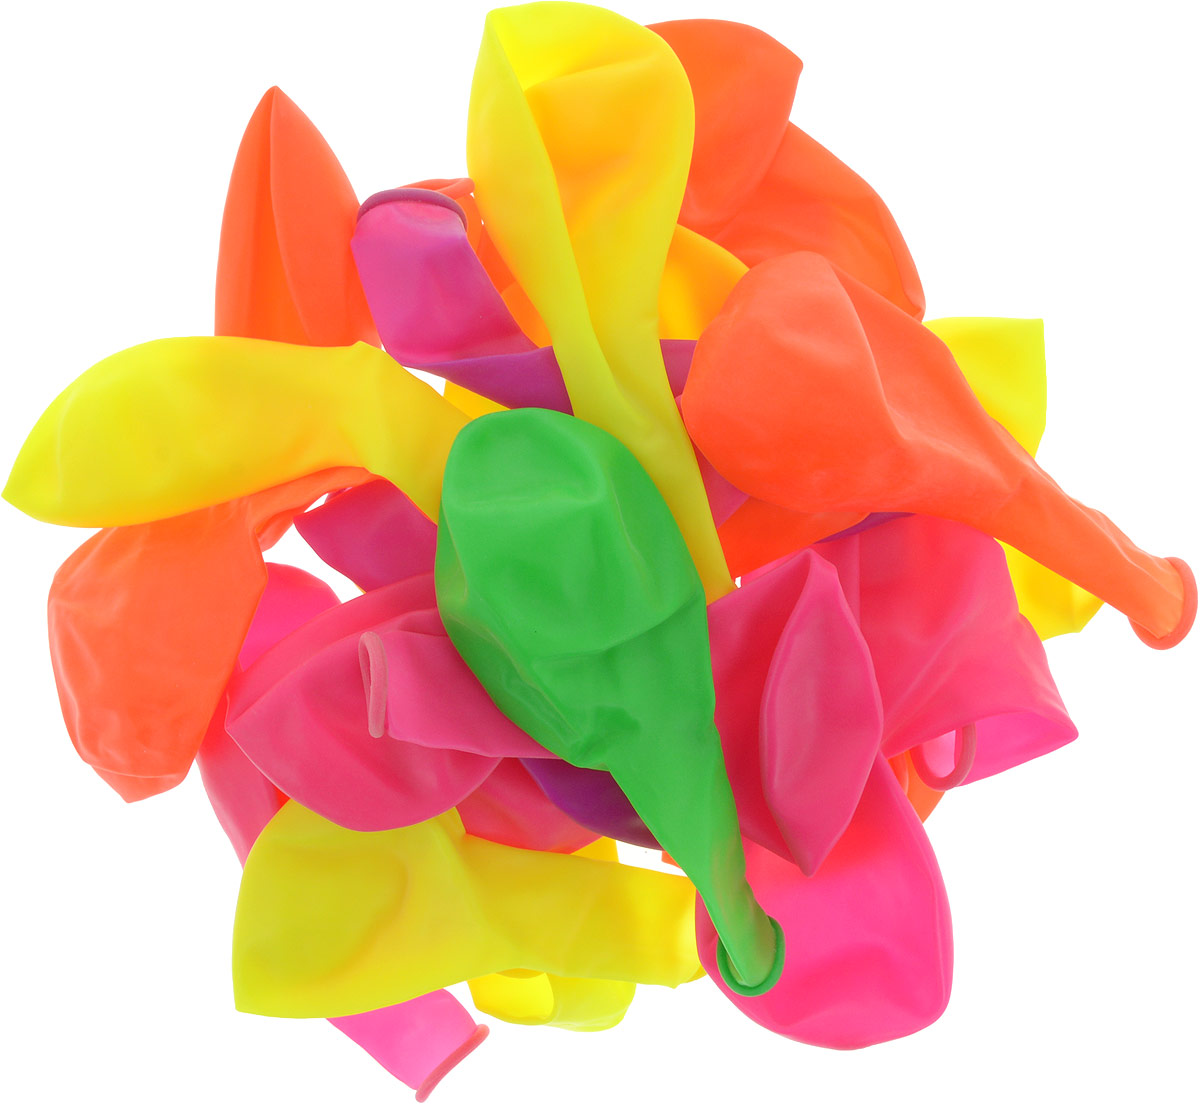 Latex Occidental Набор воздушных шариков Флуоресцентный 25 шт набор воздушных шаров partic 25 шт 8106525 02